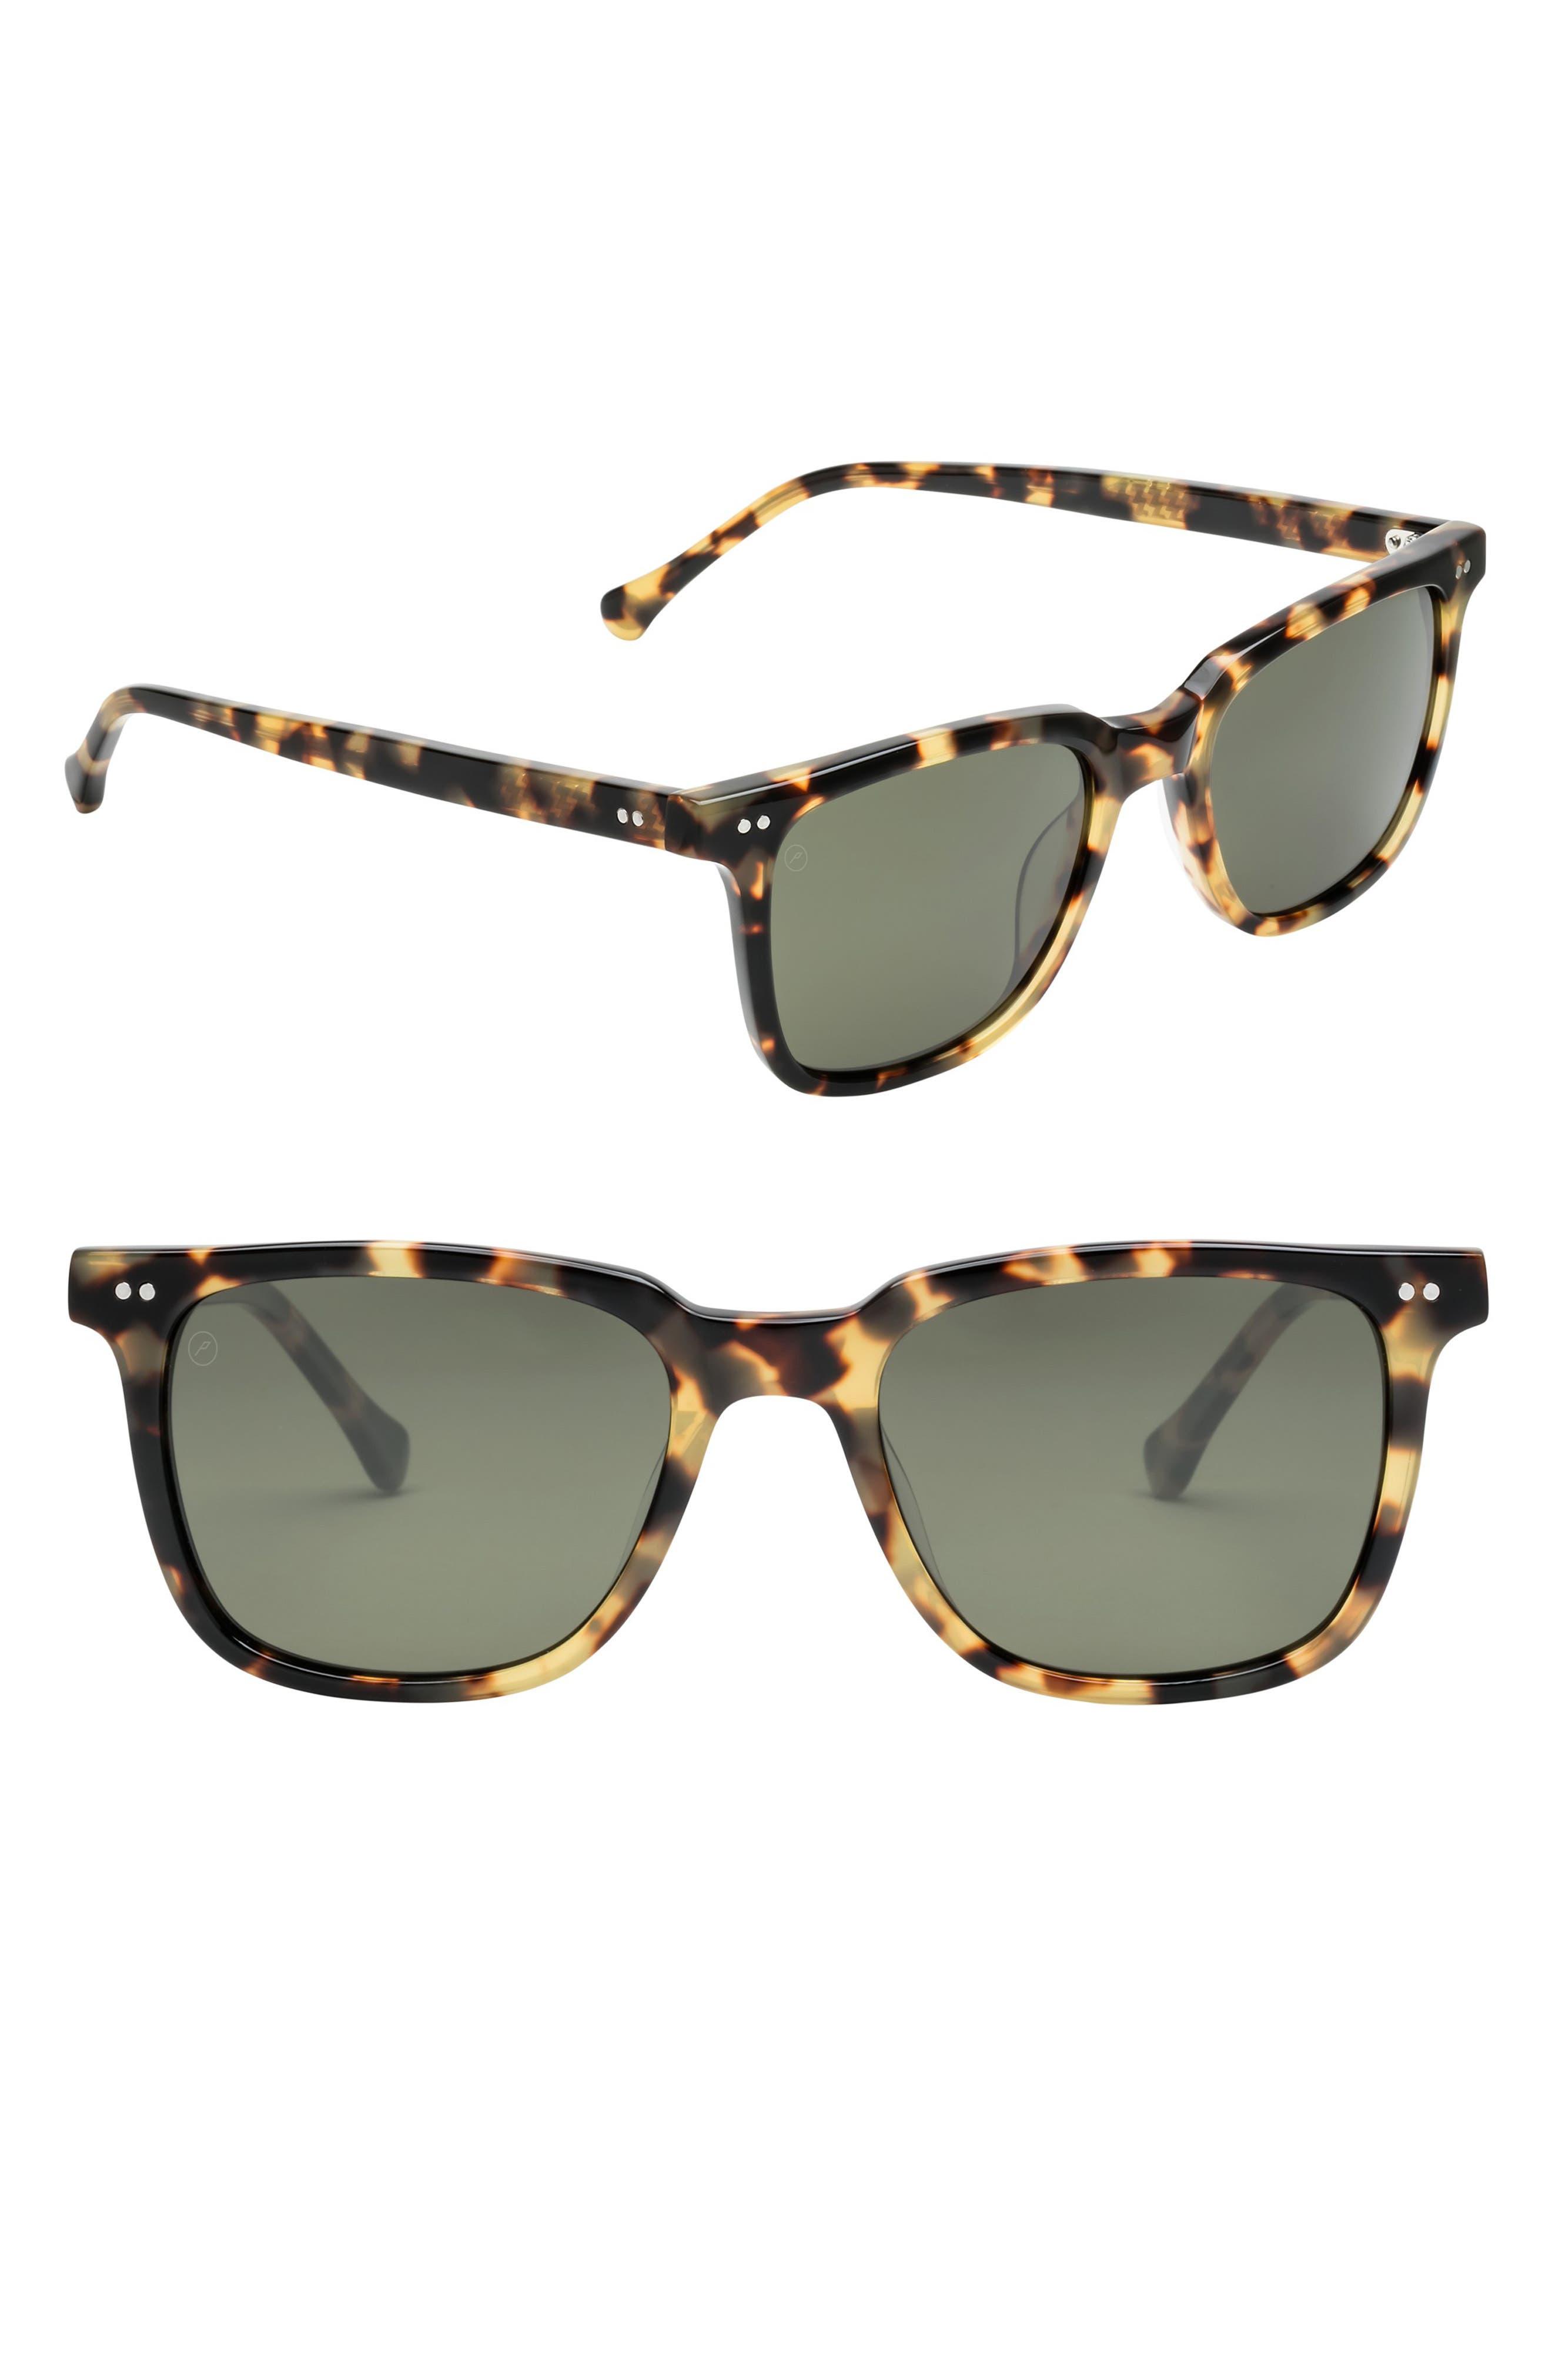 Birch 53mm Polarized Square Sunglasses